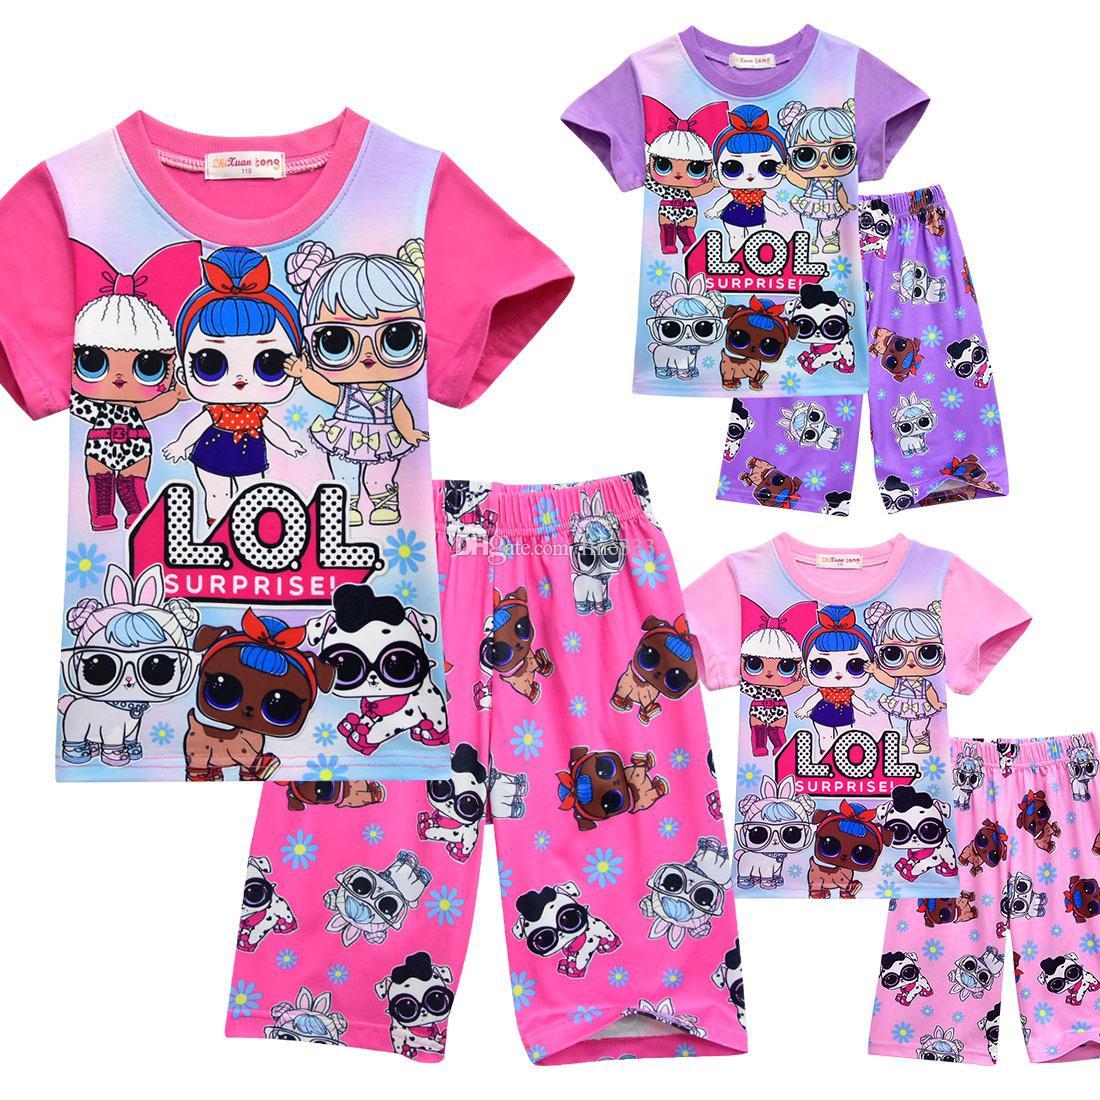 T-Shirt Pyjama Set 3D Farbdruck Neue Cartoon Mädchen Kurzarm T-Shirt Shorts Anzug Sommer Kinderbekleidung Kinder Mädchen Outwear Kleidung